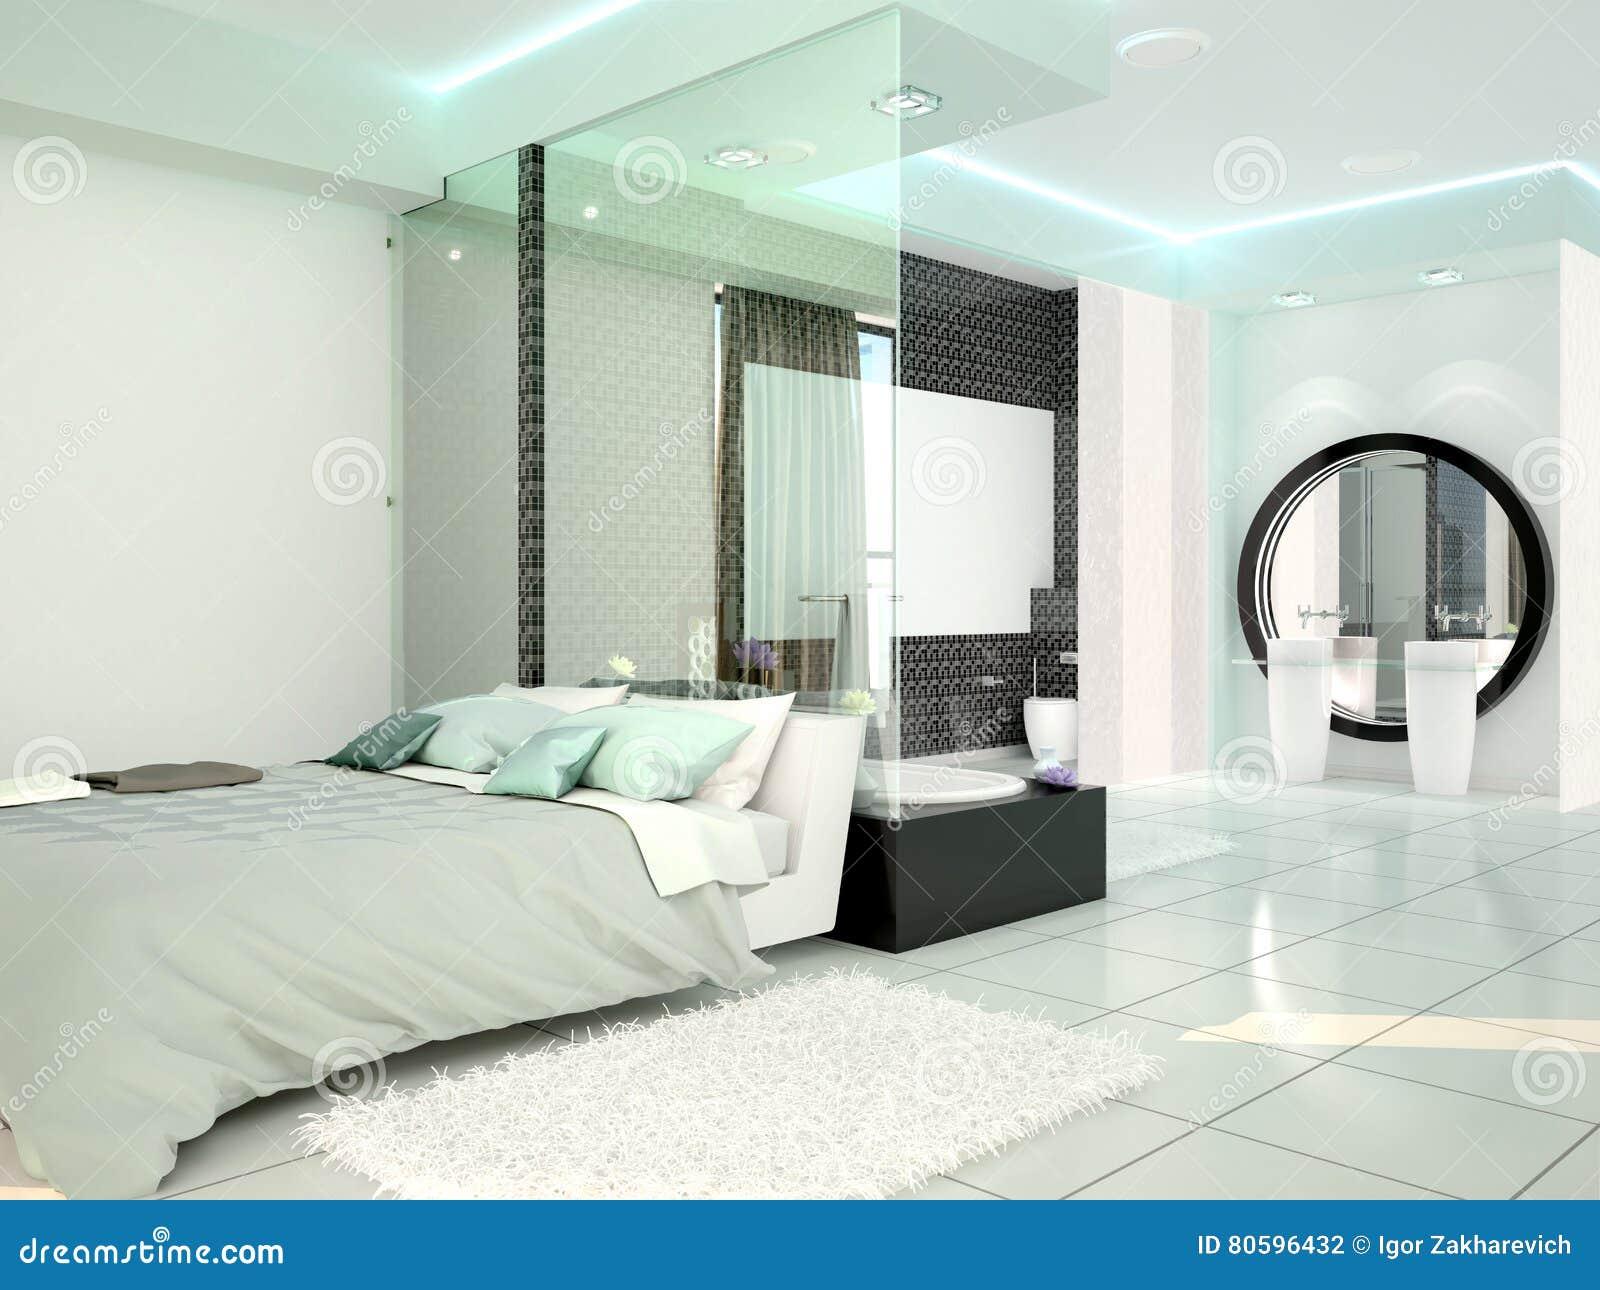 Salle De Bain Dans Chambre ~ chambre avec salle de bain gallery of combles ivry la suite